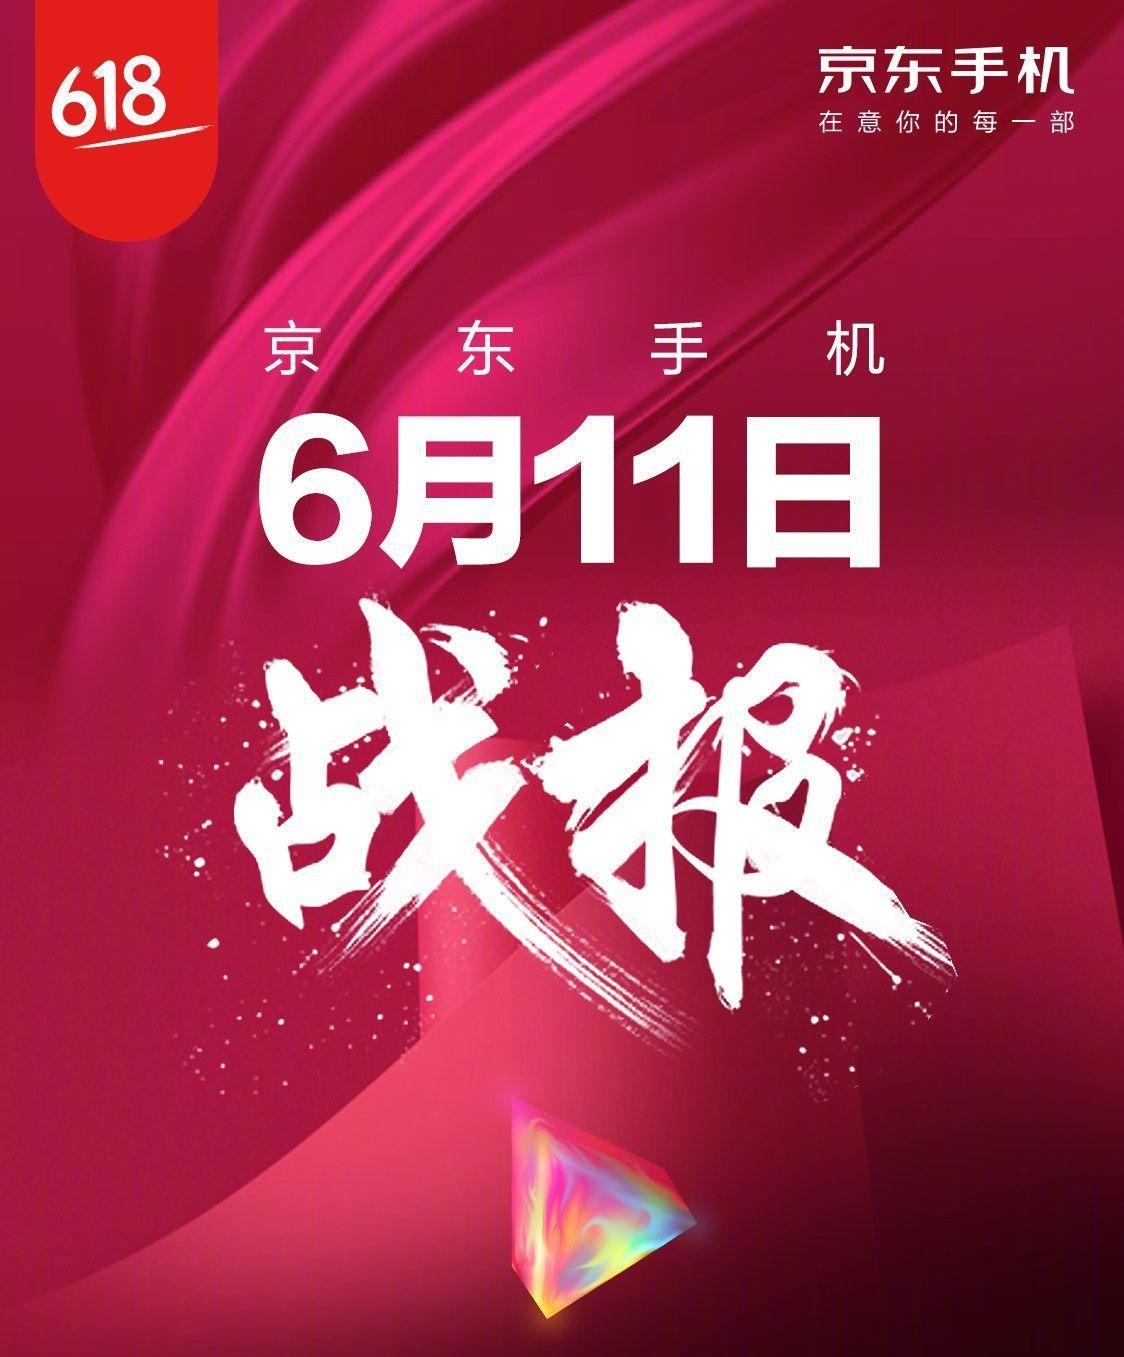 京東の「京東618(創業記念)セール」の11日目のランキングが公開。販売台数TOPはhonor